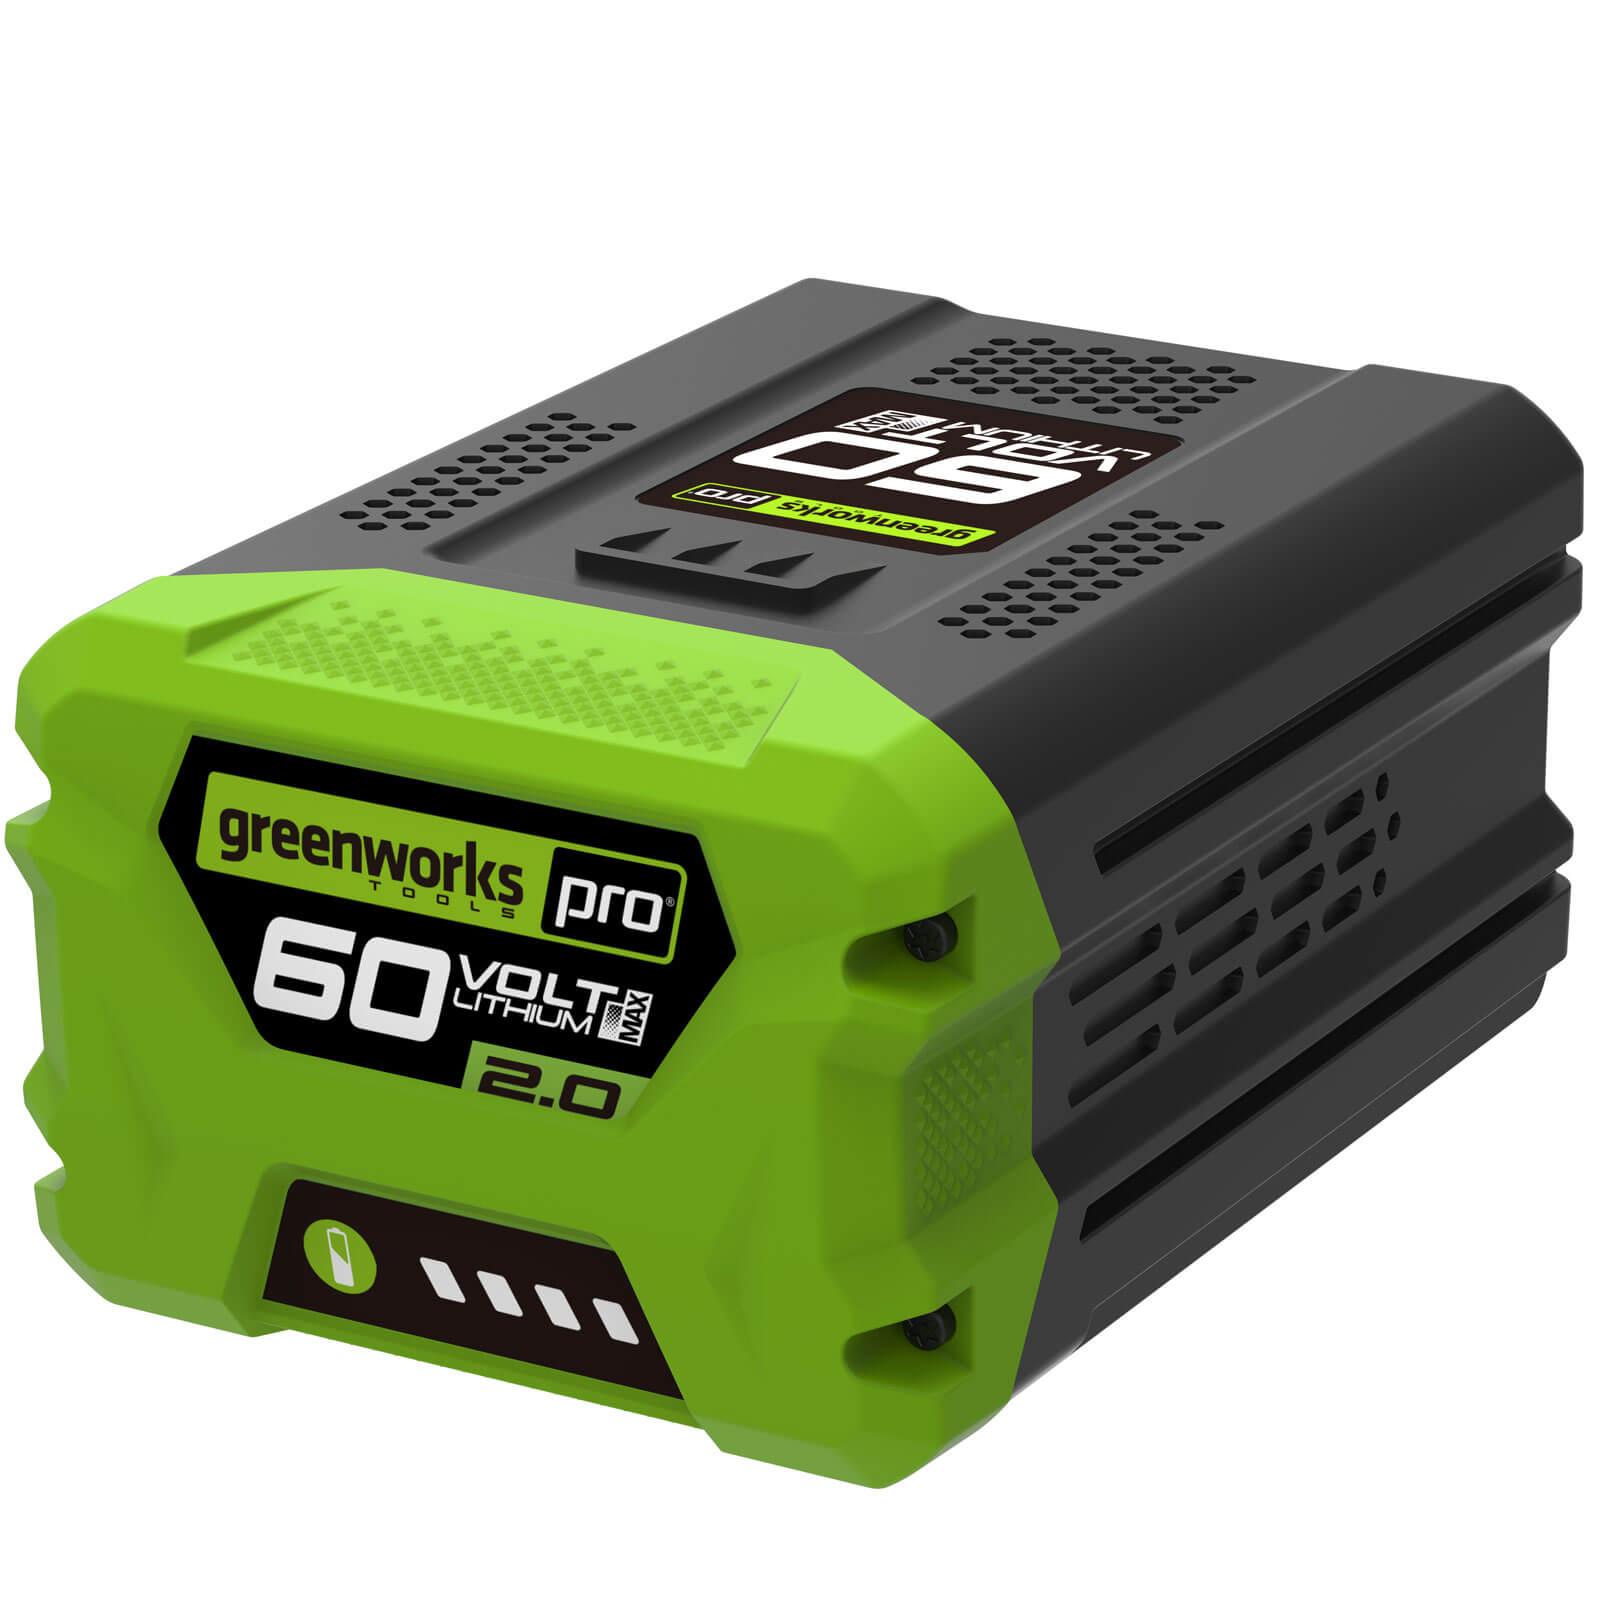 greenworks g60 60v cordless li ion battery 2ah. Black Bedroom Furniture Sets. Home Design Ideas